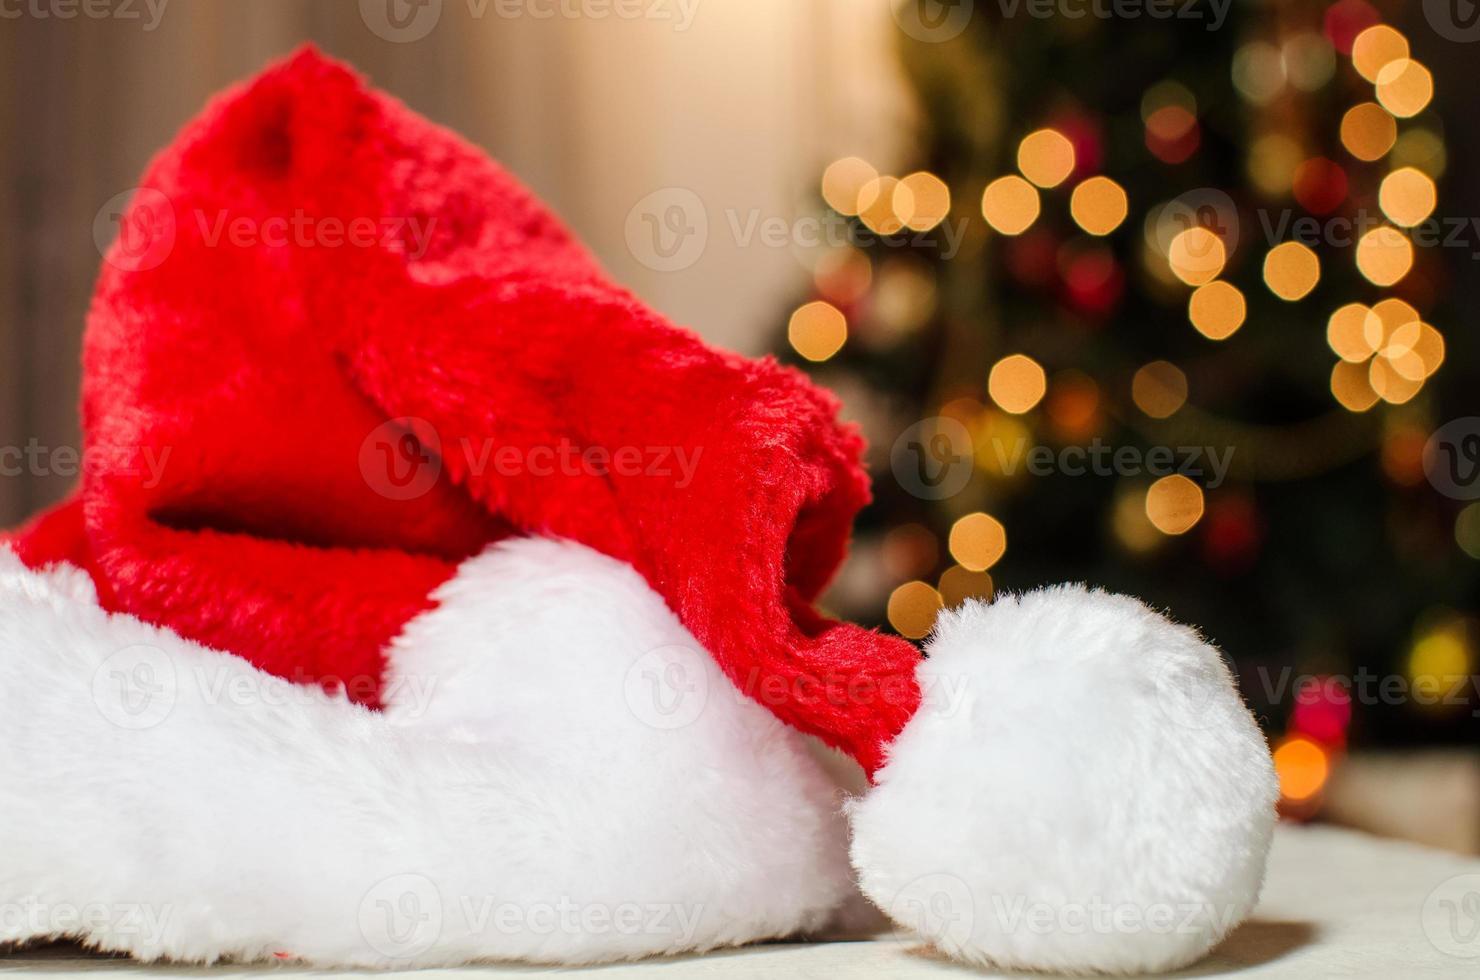 kerstman hoed bij de kerstbomen foto